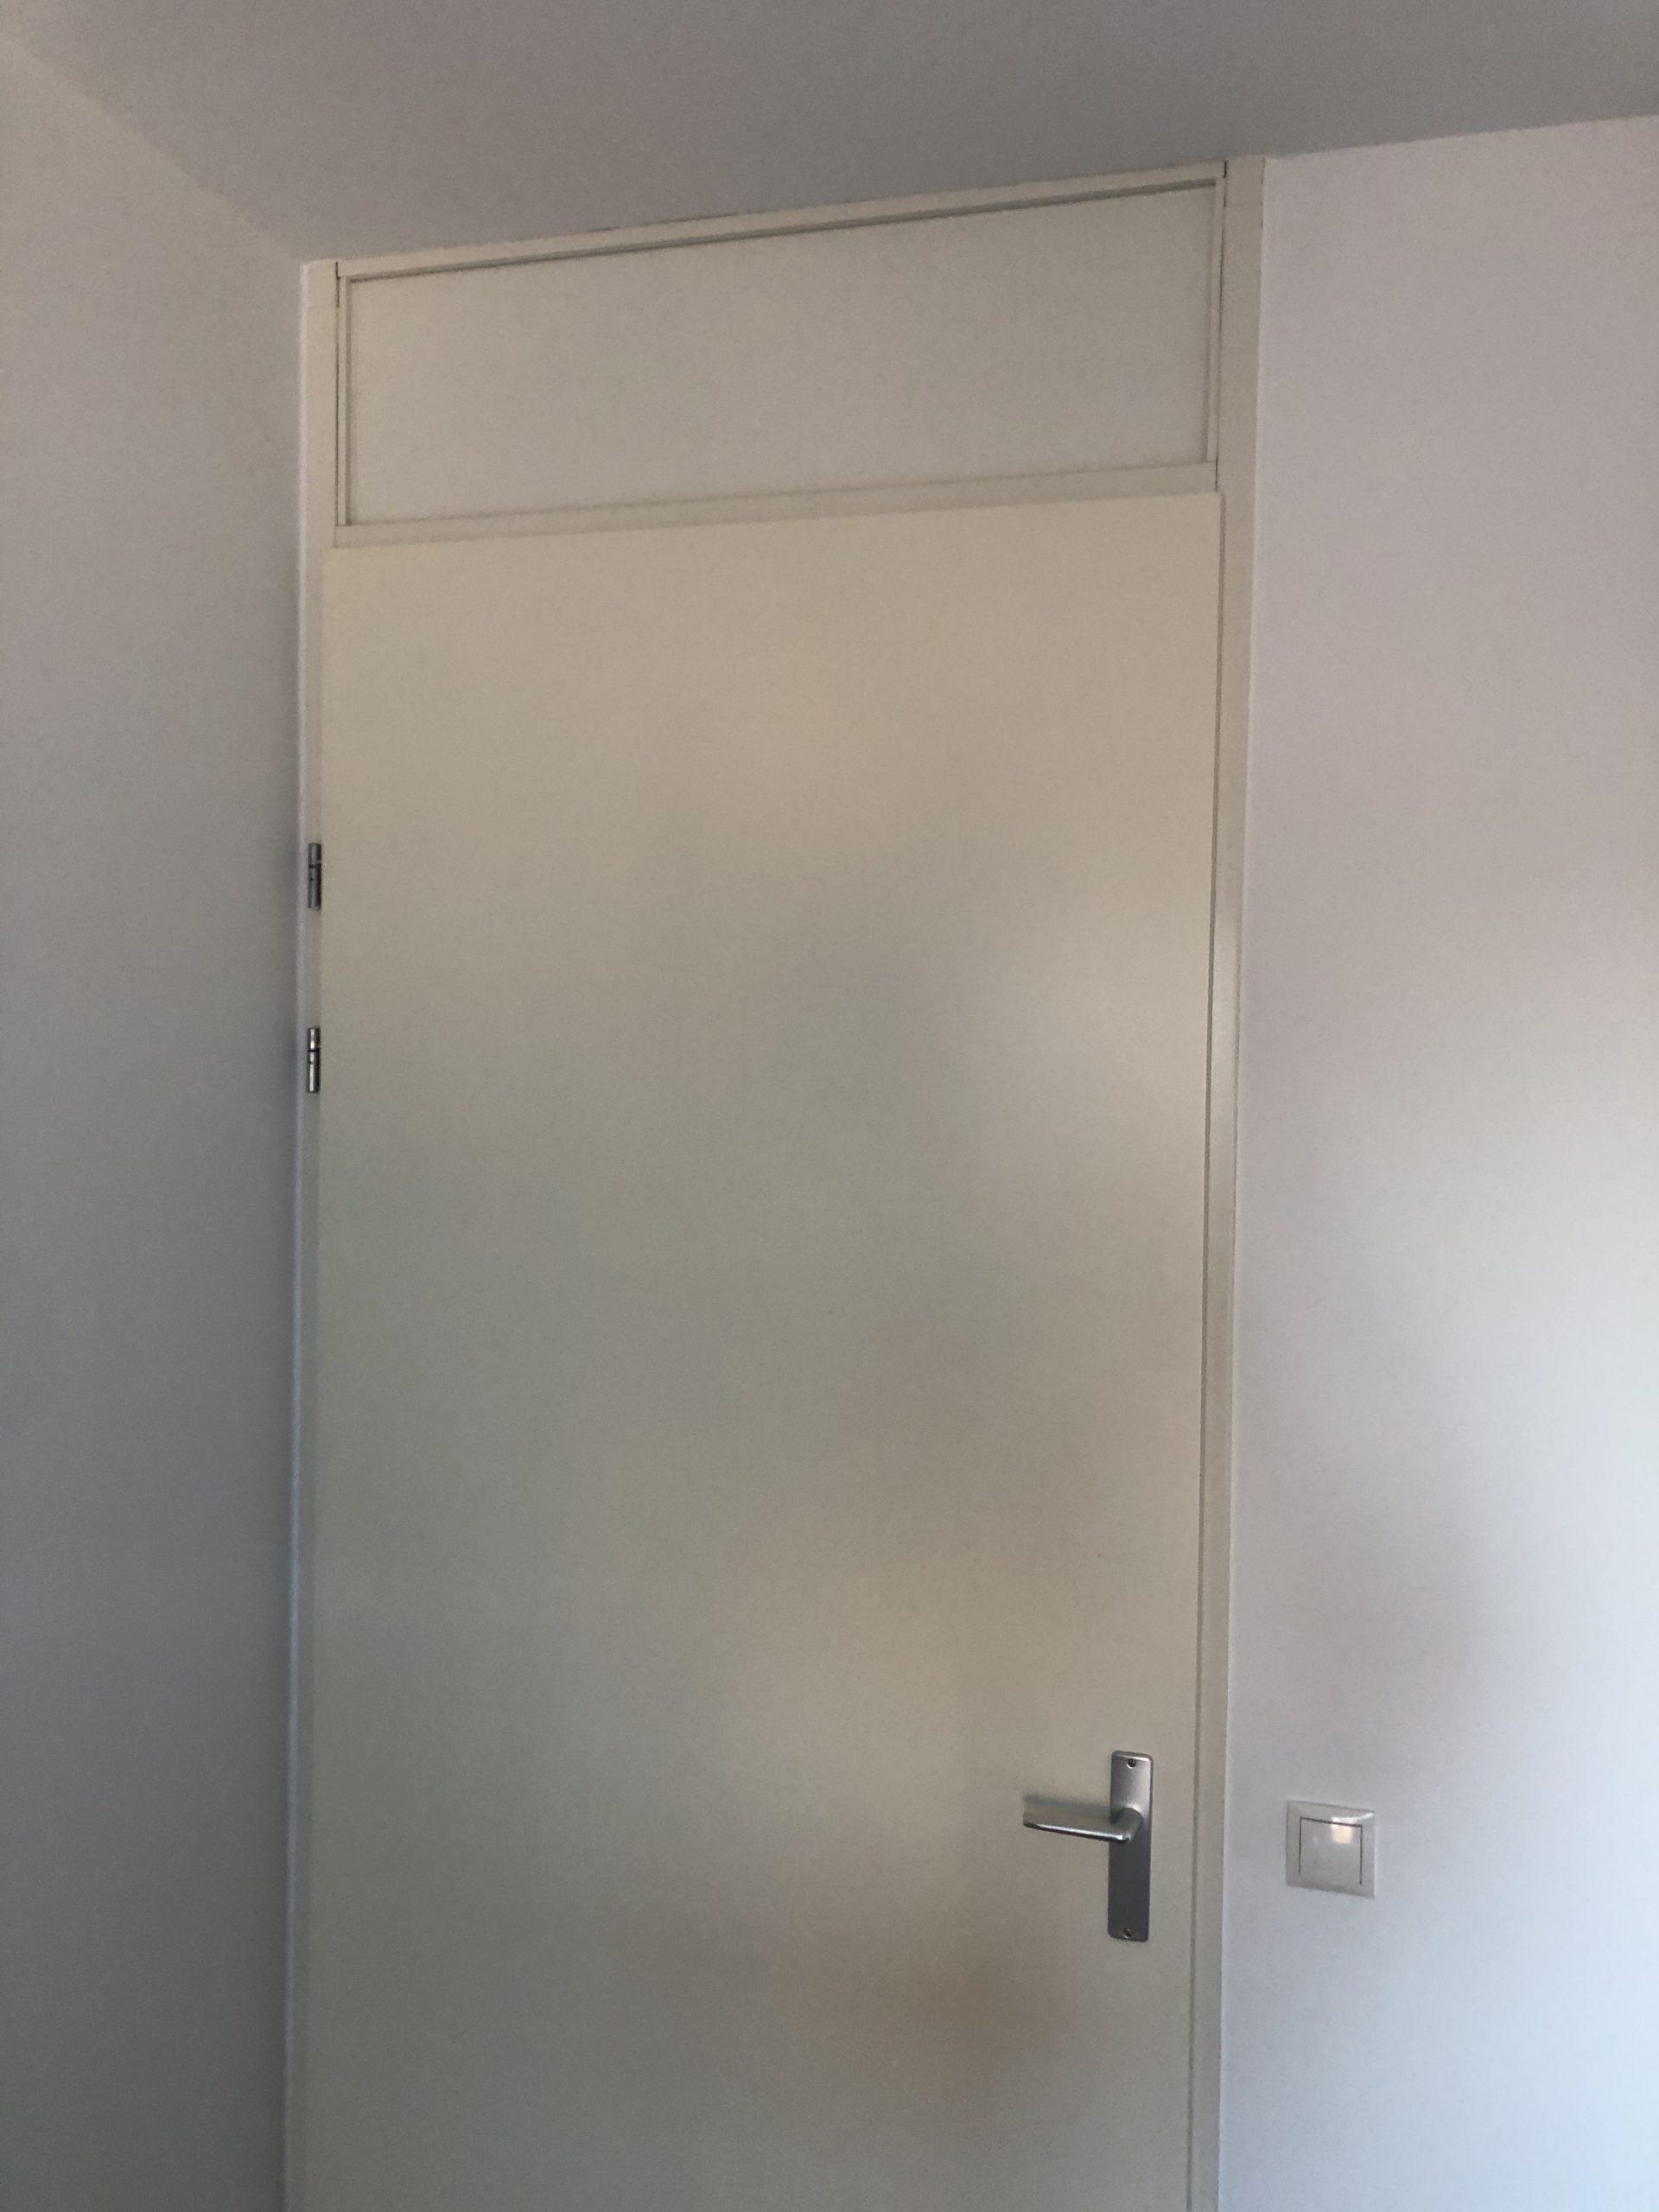 remplacer une fenêtre au dessus d'une porte